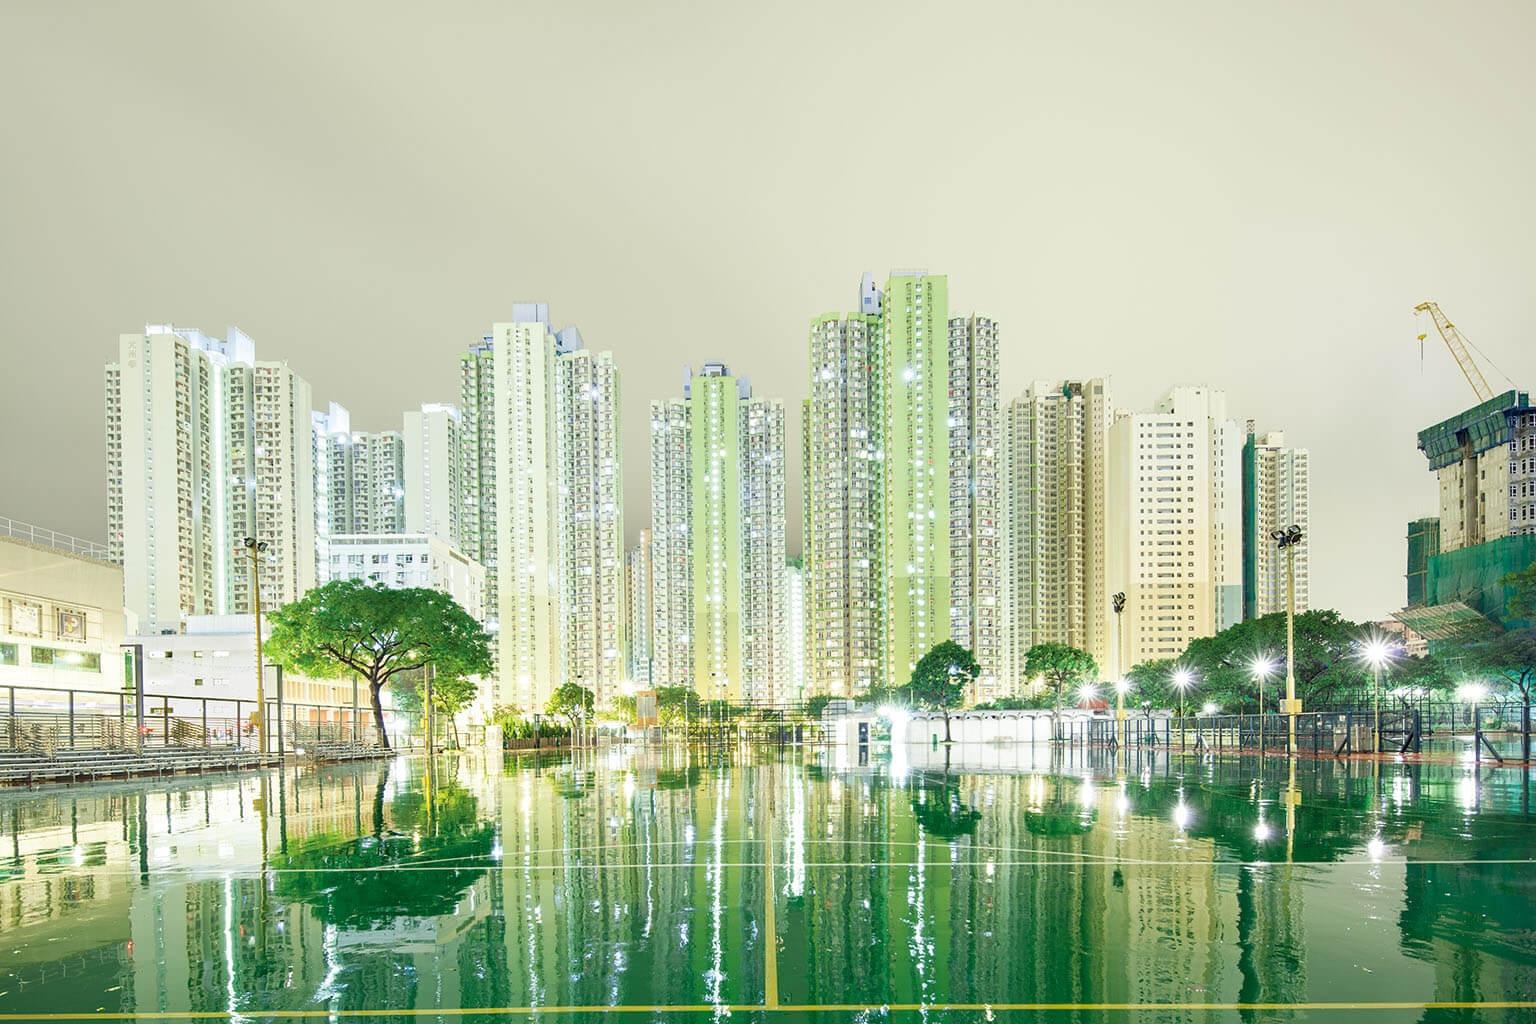 香港是世界上人口最稠密的城市之一,面積僅1103平方公里的土地上住著700萬人。這張在雨天用長時間曝光拍攝的照片呈現了部分天際線,投映在這座遊樂場因颱風而浸溼的地面上。 PHOTO: SPREEPHOTO/GETTY IMAGES